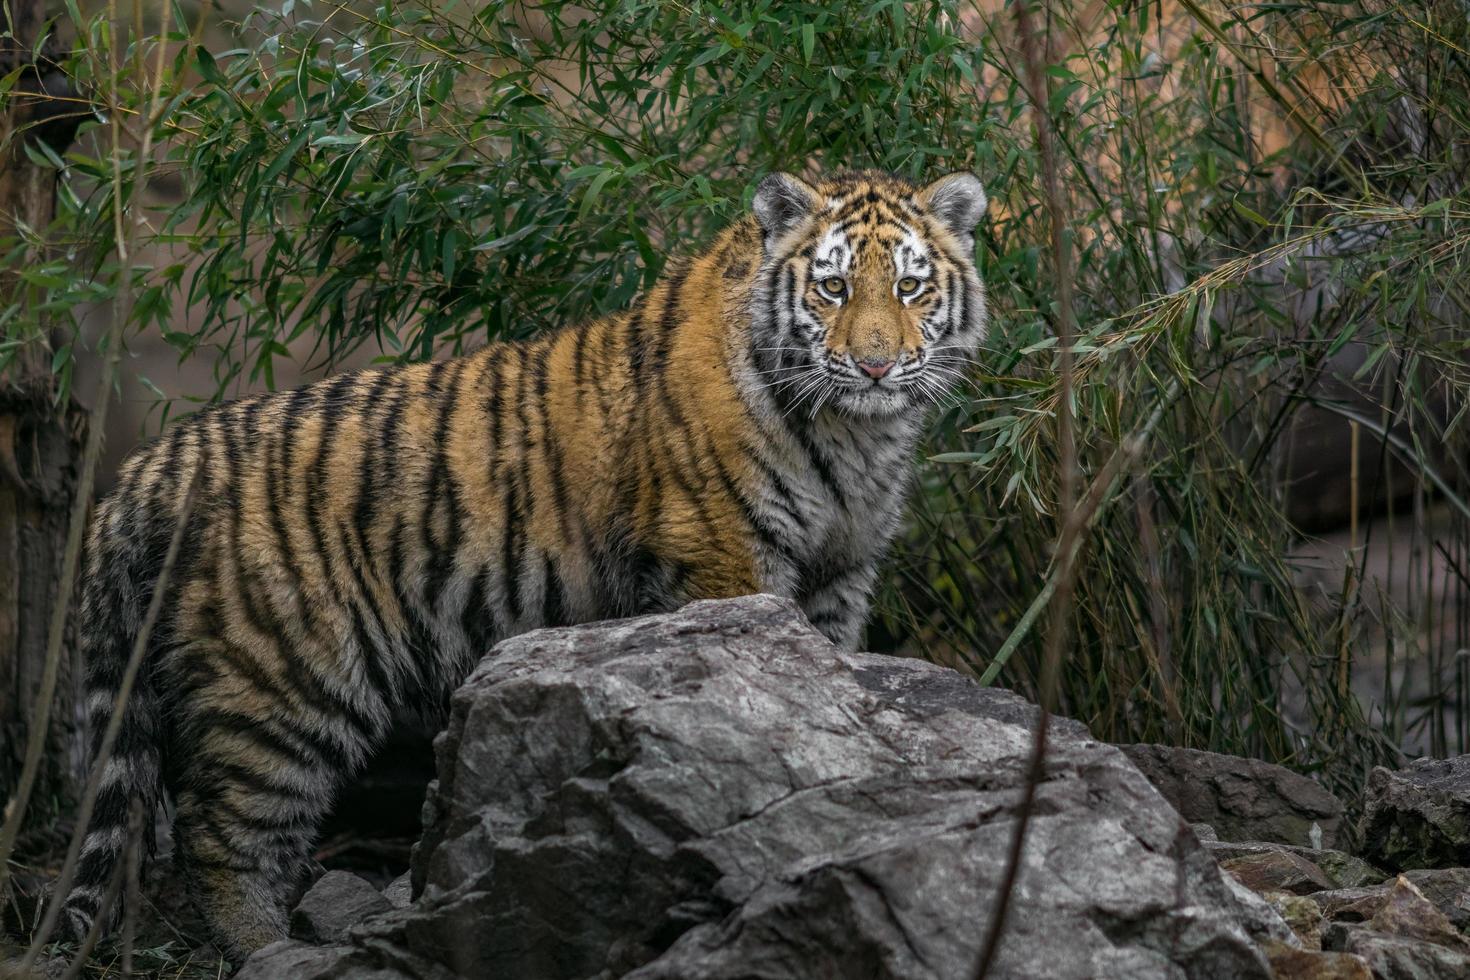 Siberian tiger in zoo photo